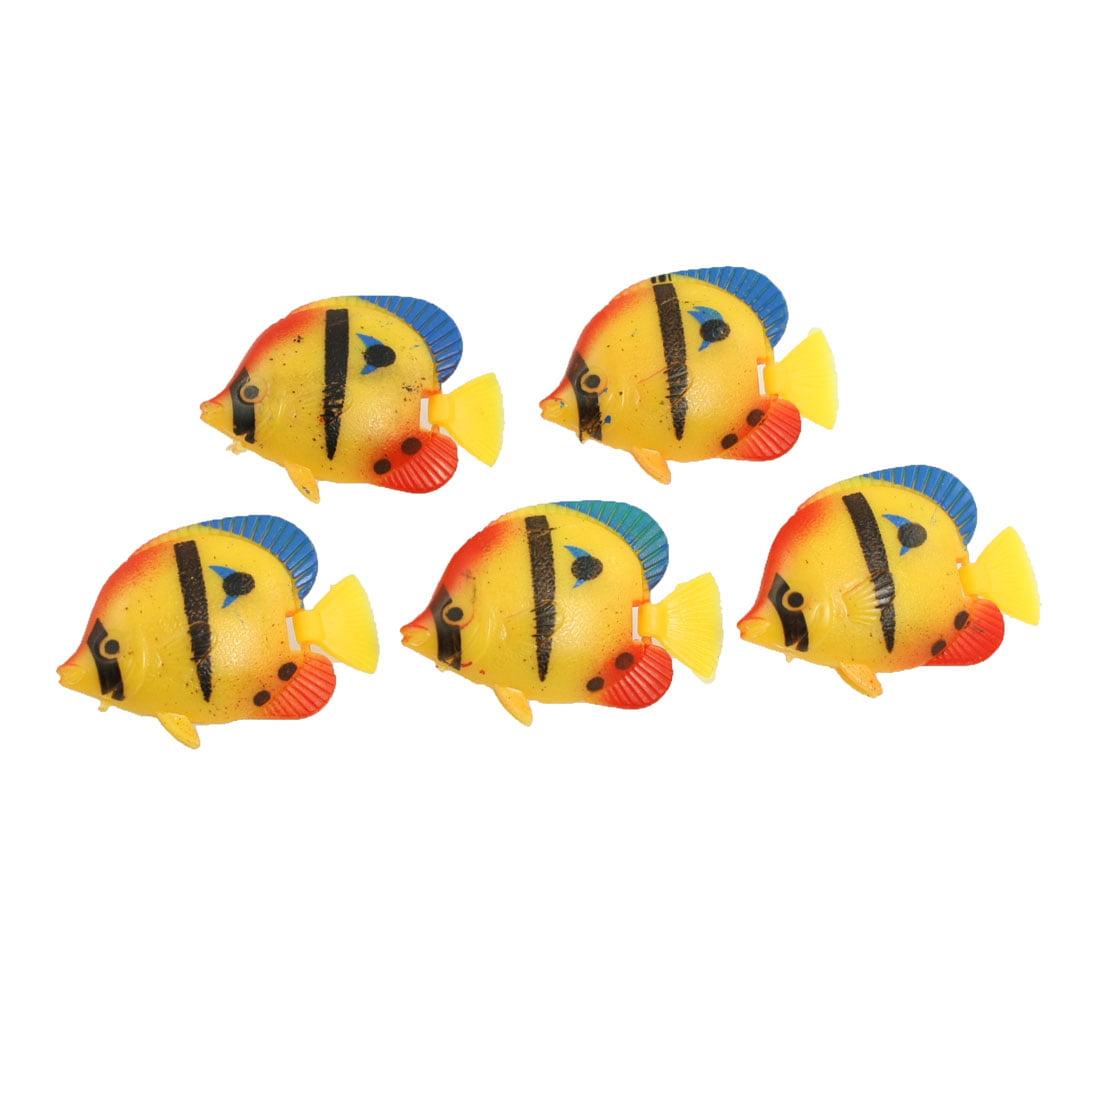 Unique Bargains Yellow Red Plastic Swimming Crucian Decor 5 Pcs for Aquarium